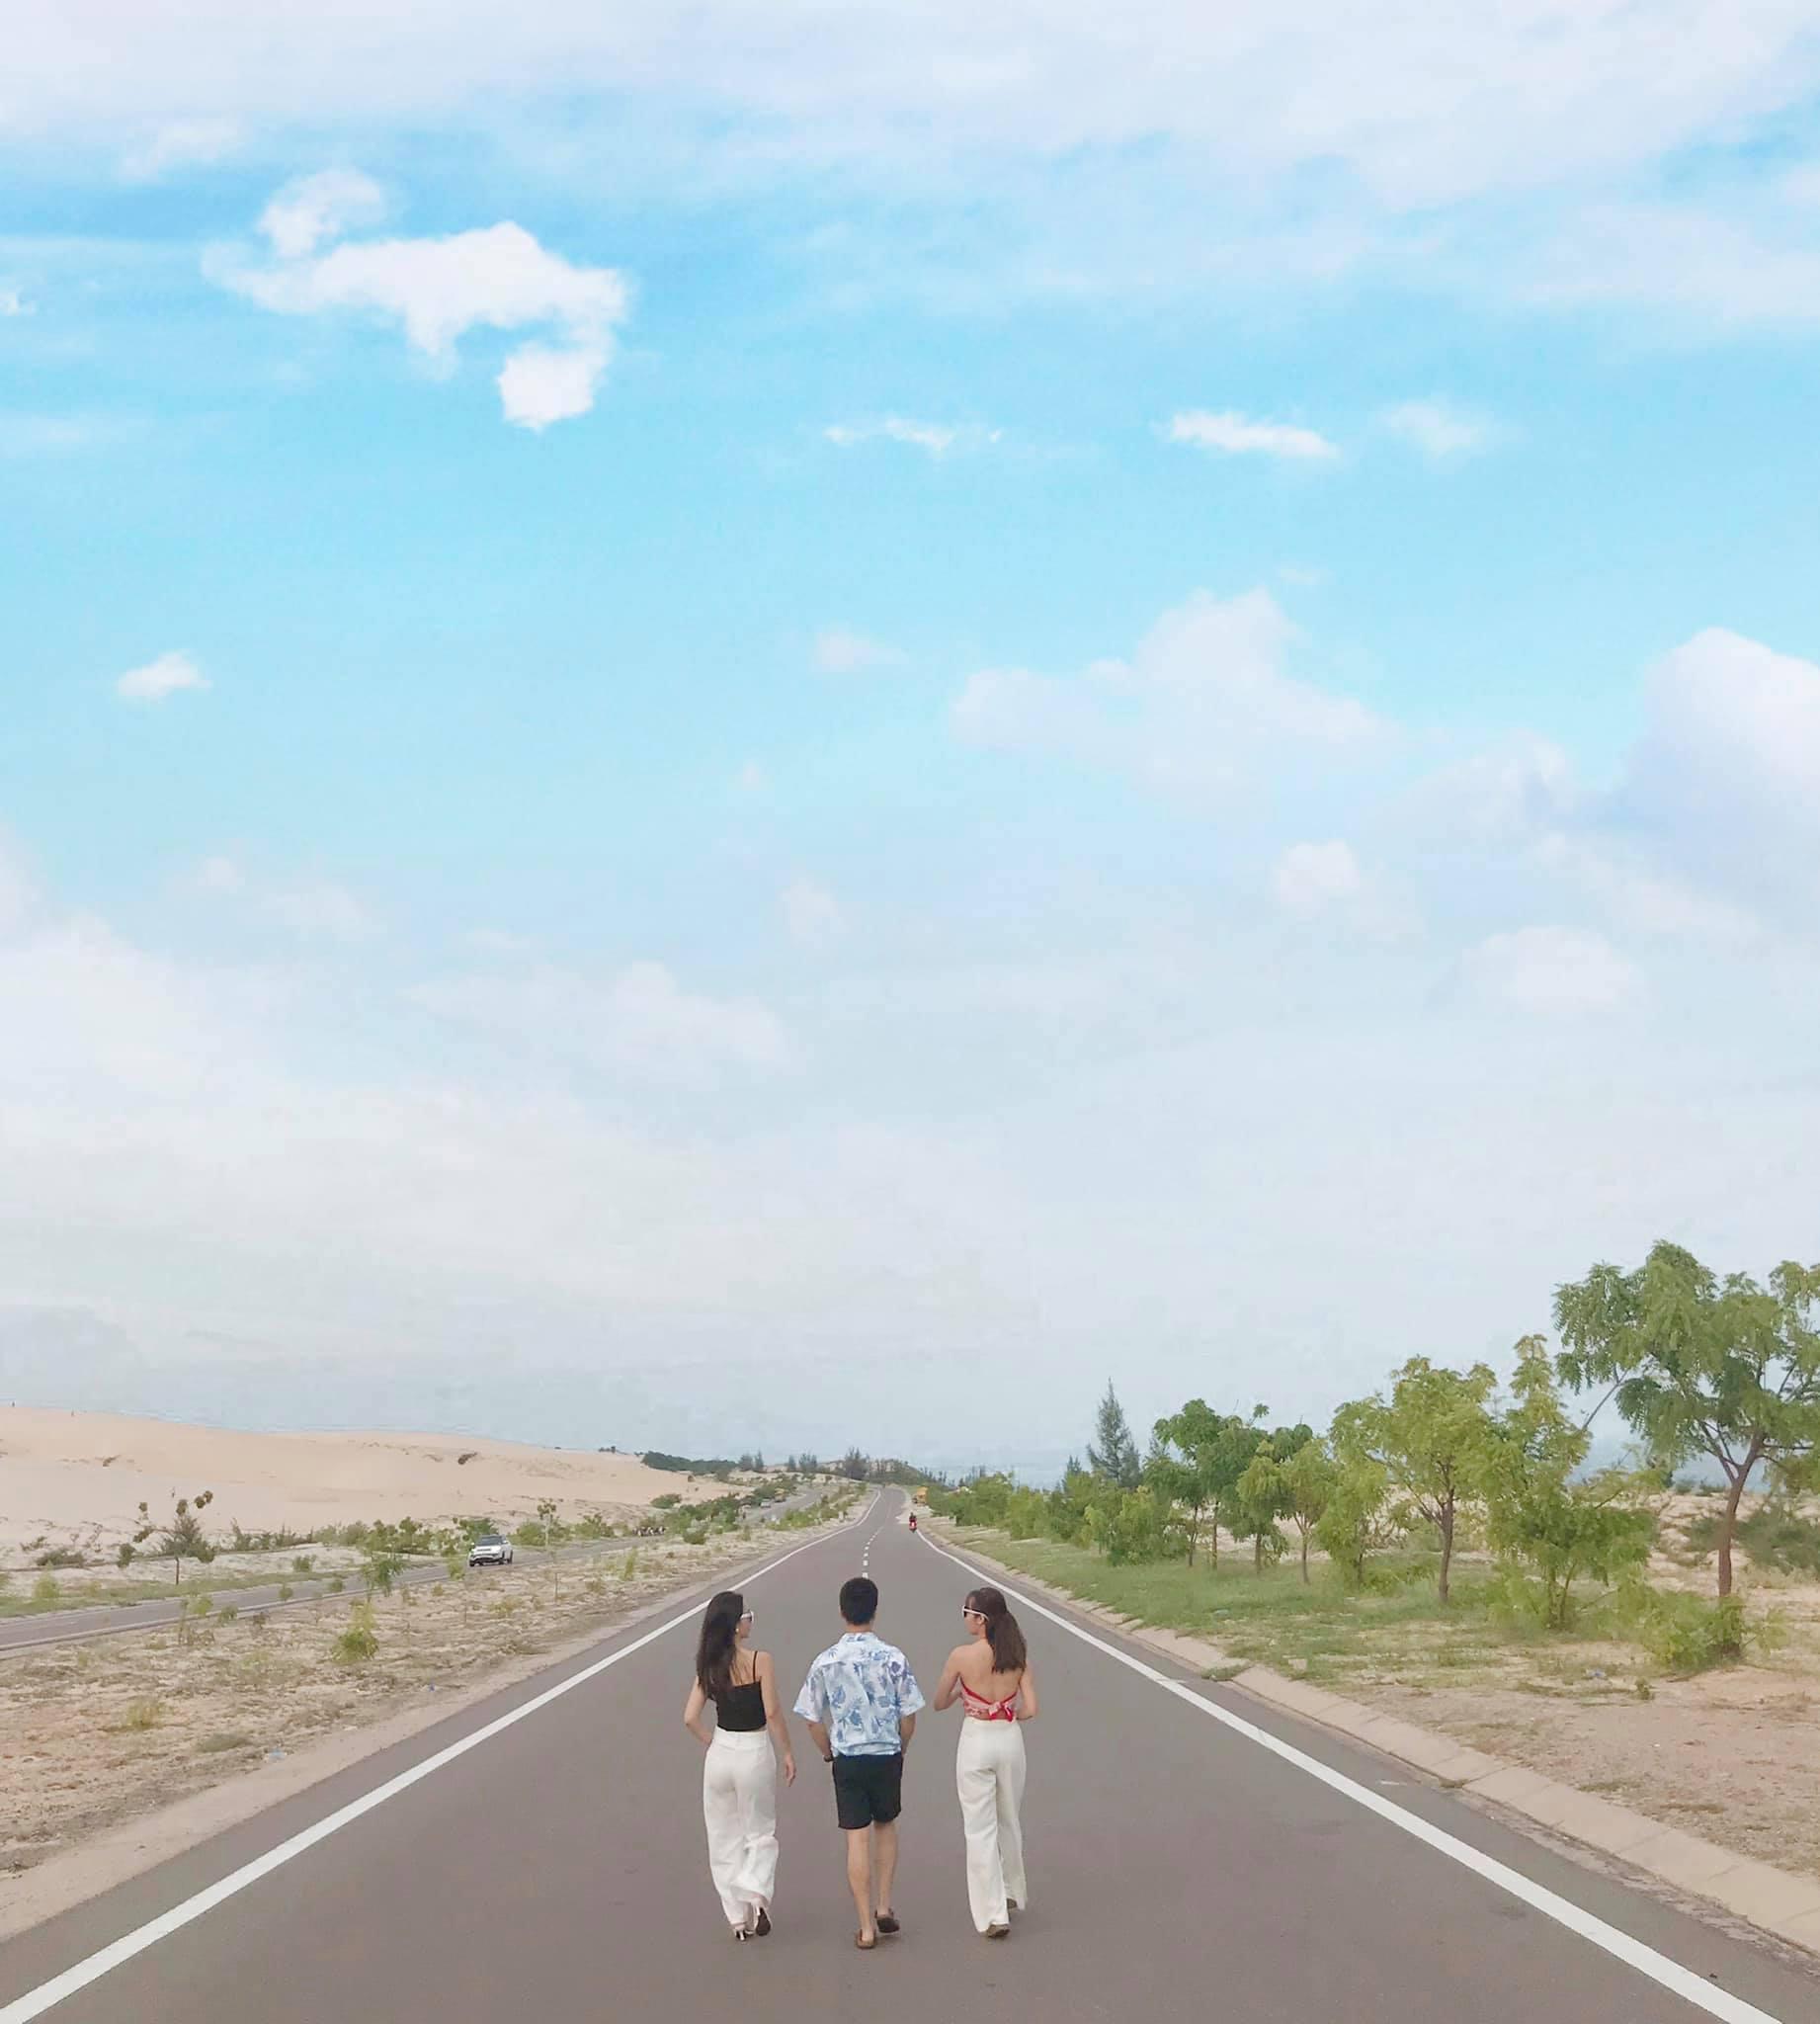 Mũi Né đặc sản chính là nắng – gió – biển – cát, nên để tận hưởng được trọn vẹn hơn thì nên book xe jeep đi thăm thú nha bạn